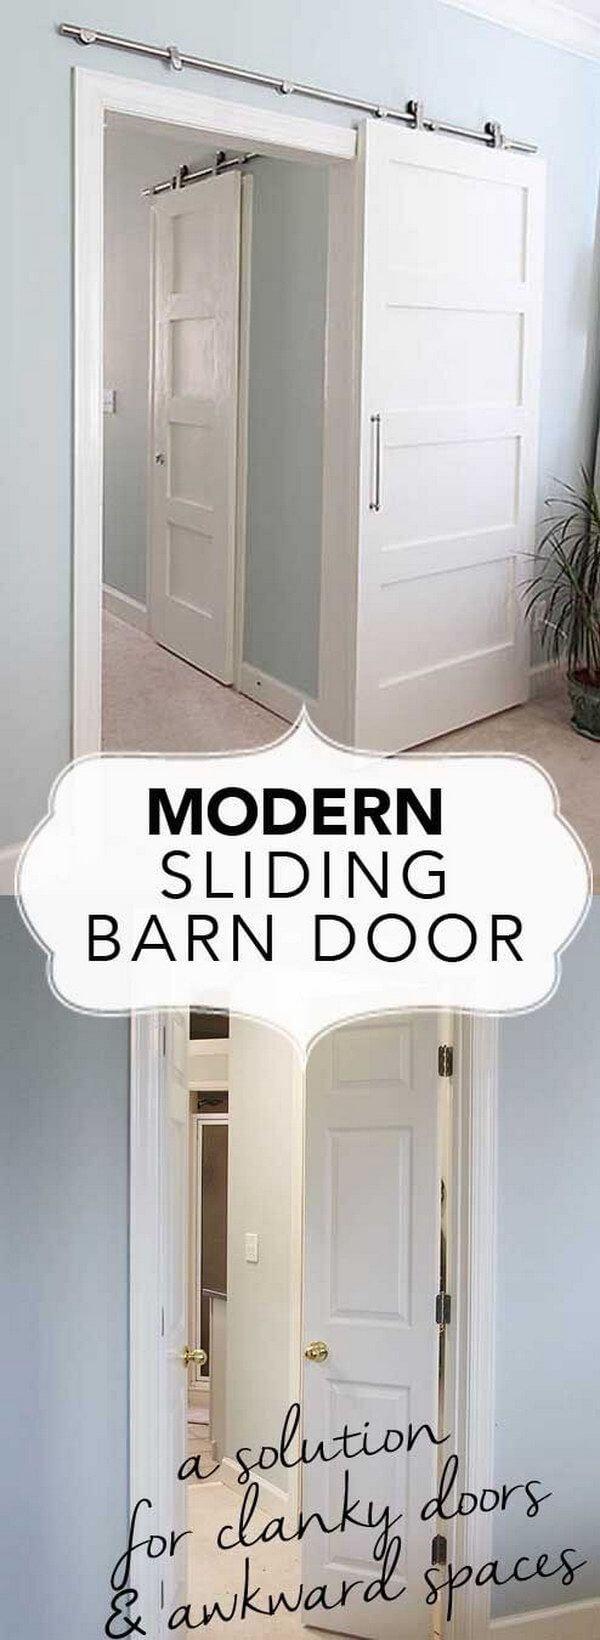 Get the Barn Door Look for Less